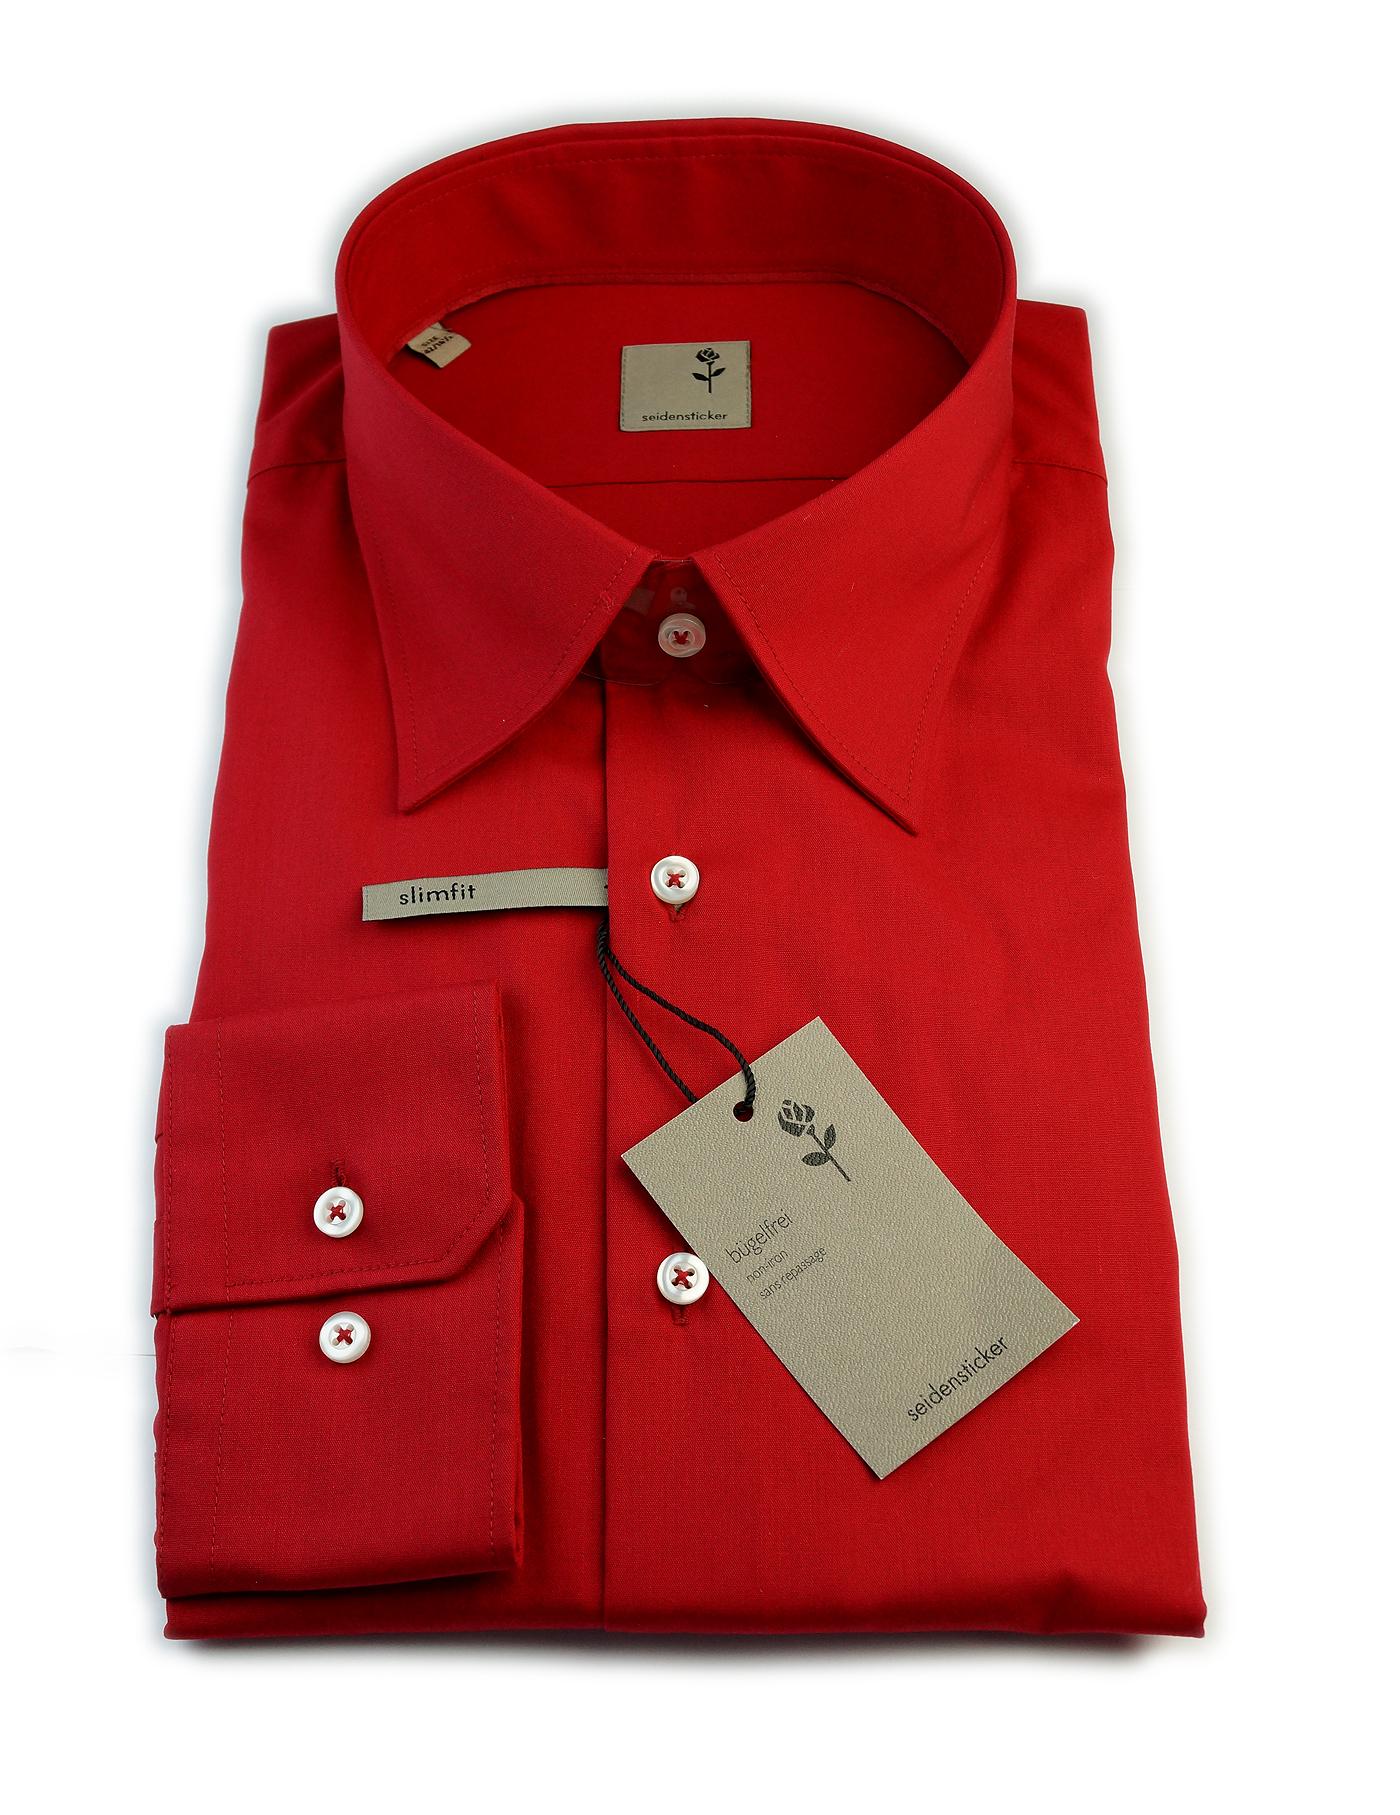 seidensticker hemd schwarze rose rot burned orange gr 38 44 neu 227130 ebay. Black Bedroom Furniture Sets. Home Design Ideas